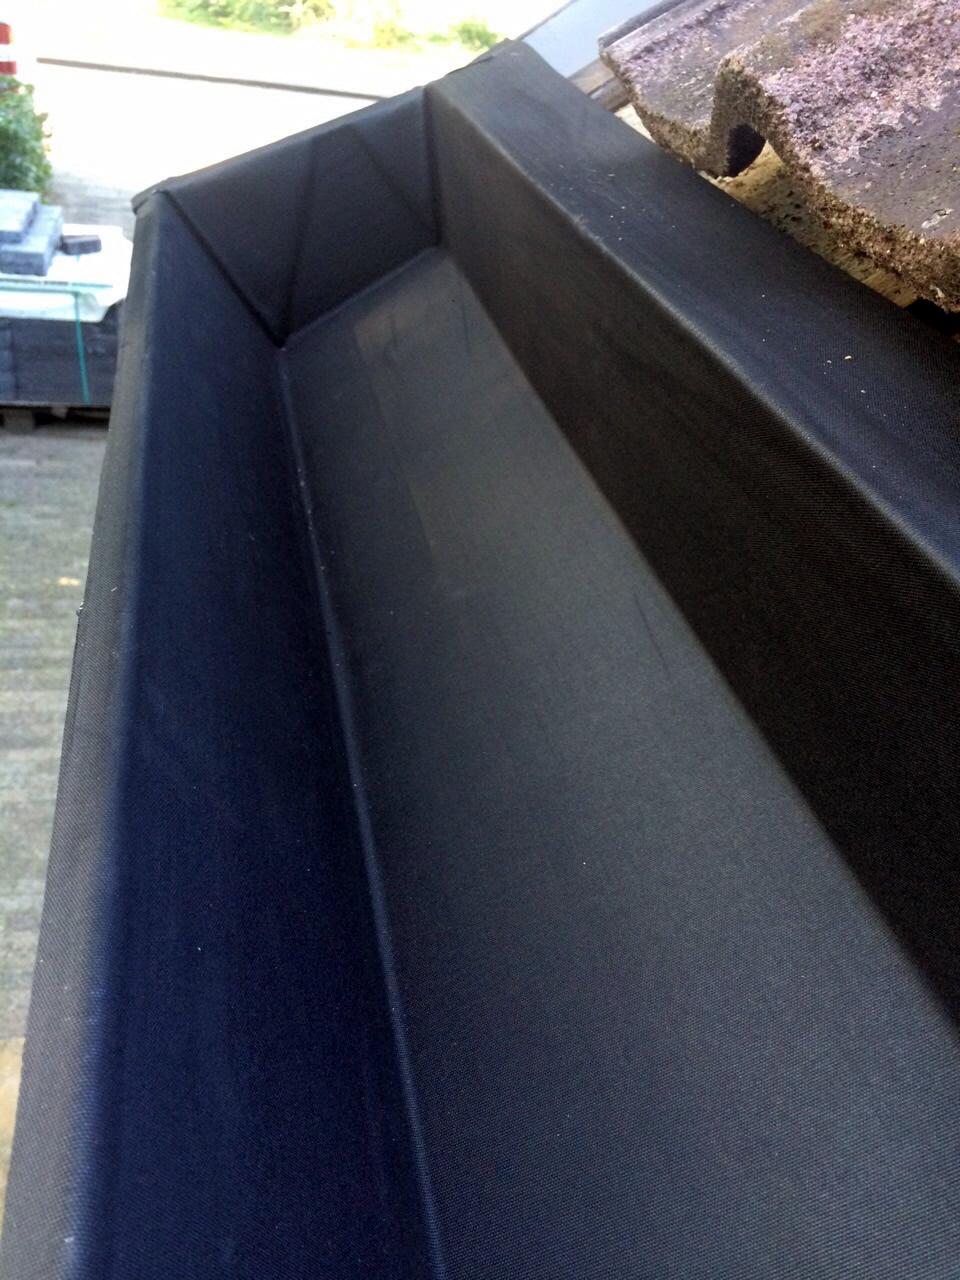 Ingevouwen hoeken van dakgoot